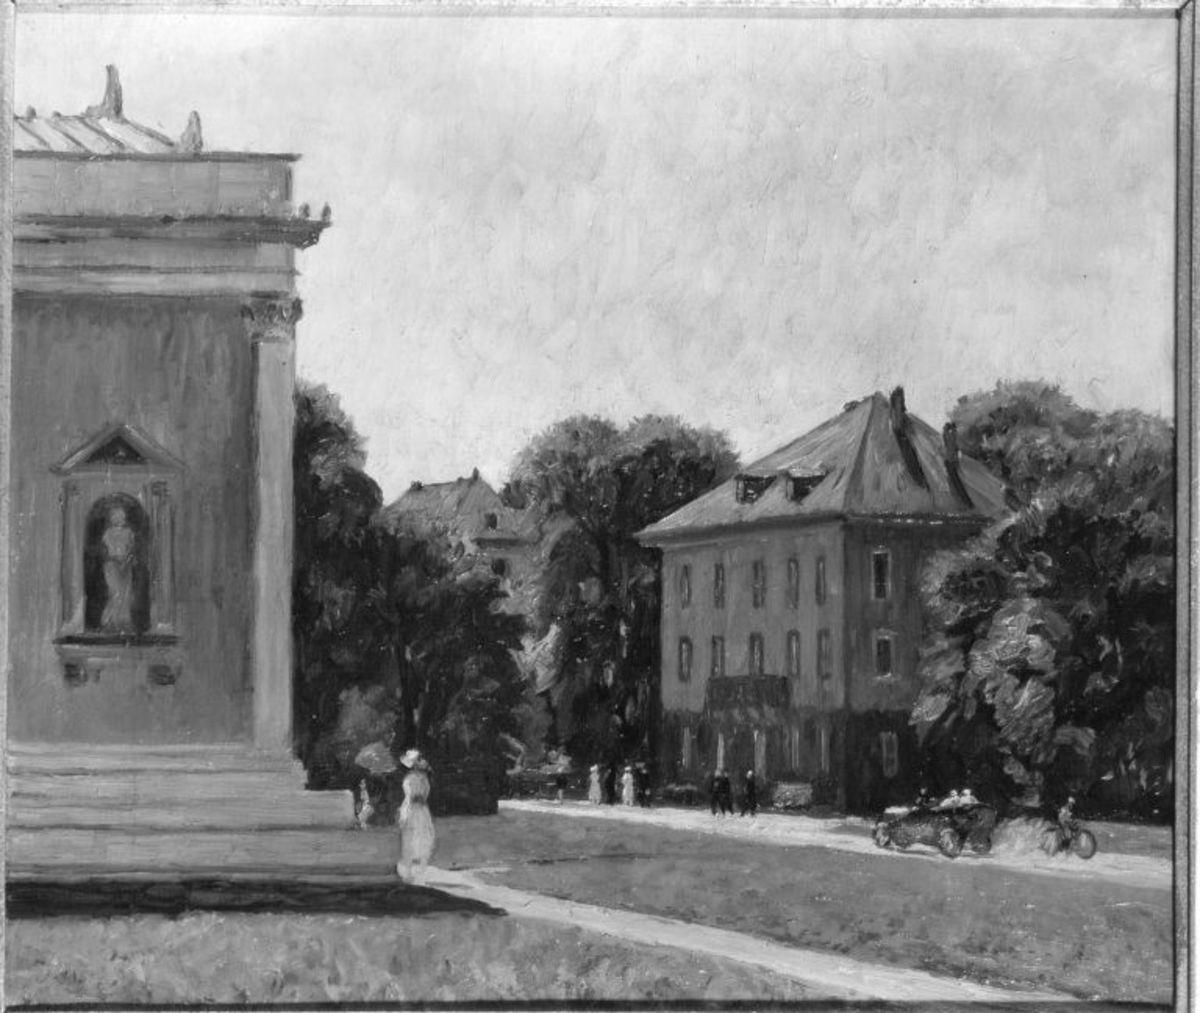 Hohenlohepalais und Glyptothek München